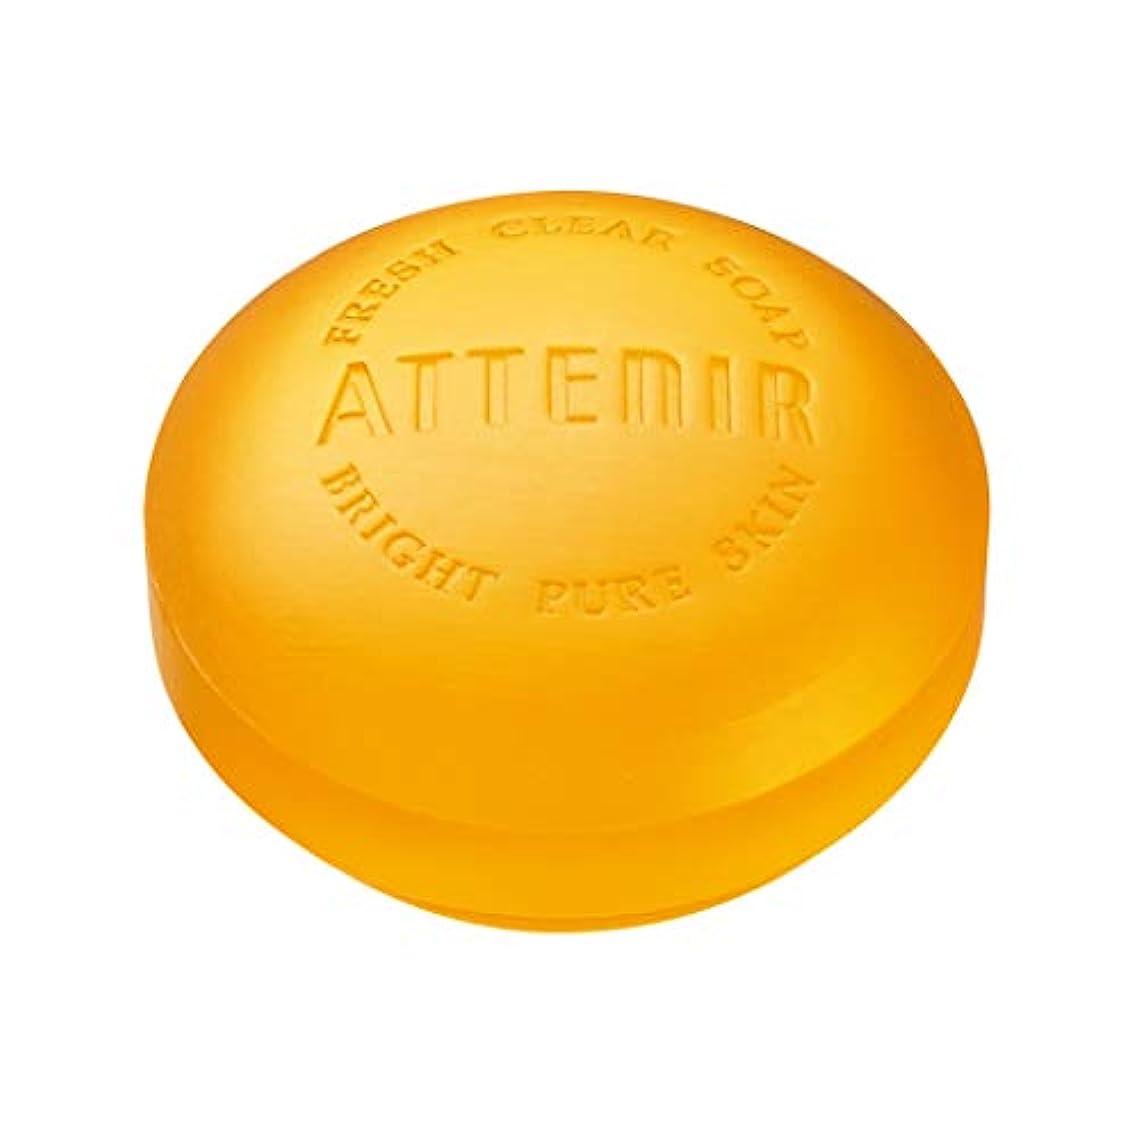 赤面不毛船員アテニア フレッシュクリアソープ ホワイト 石鹸 くすみケア 天然オレンジの香り 100g 洗顔せっけん